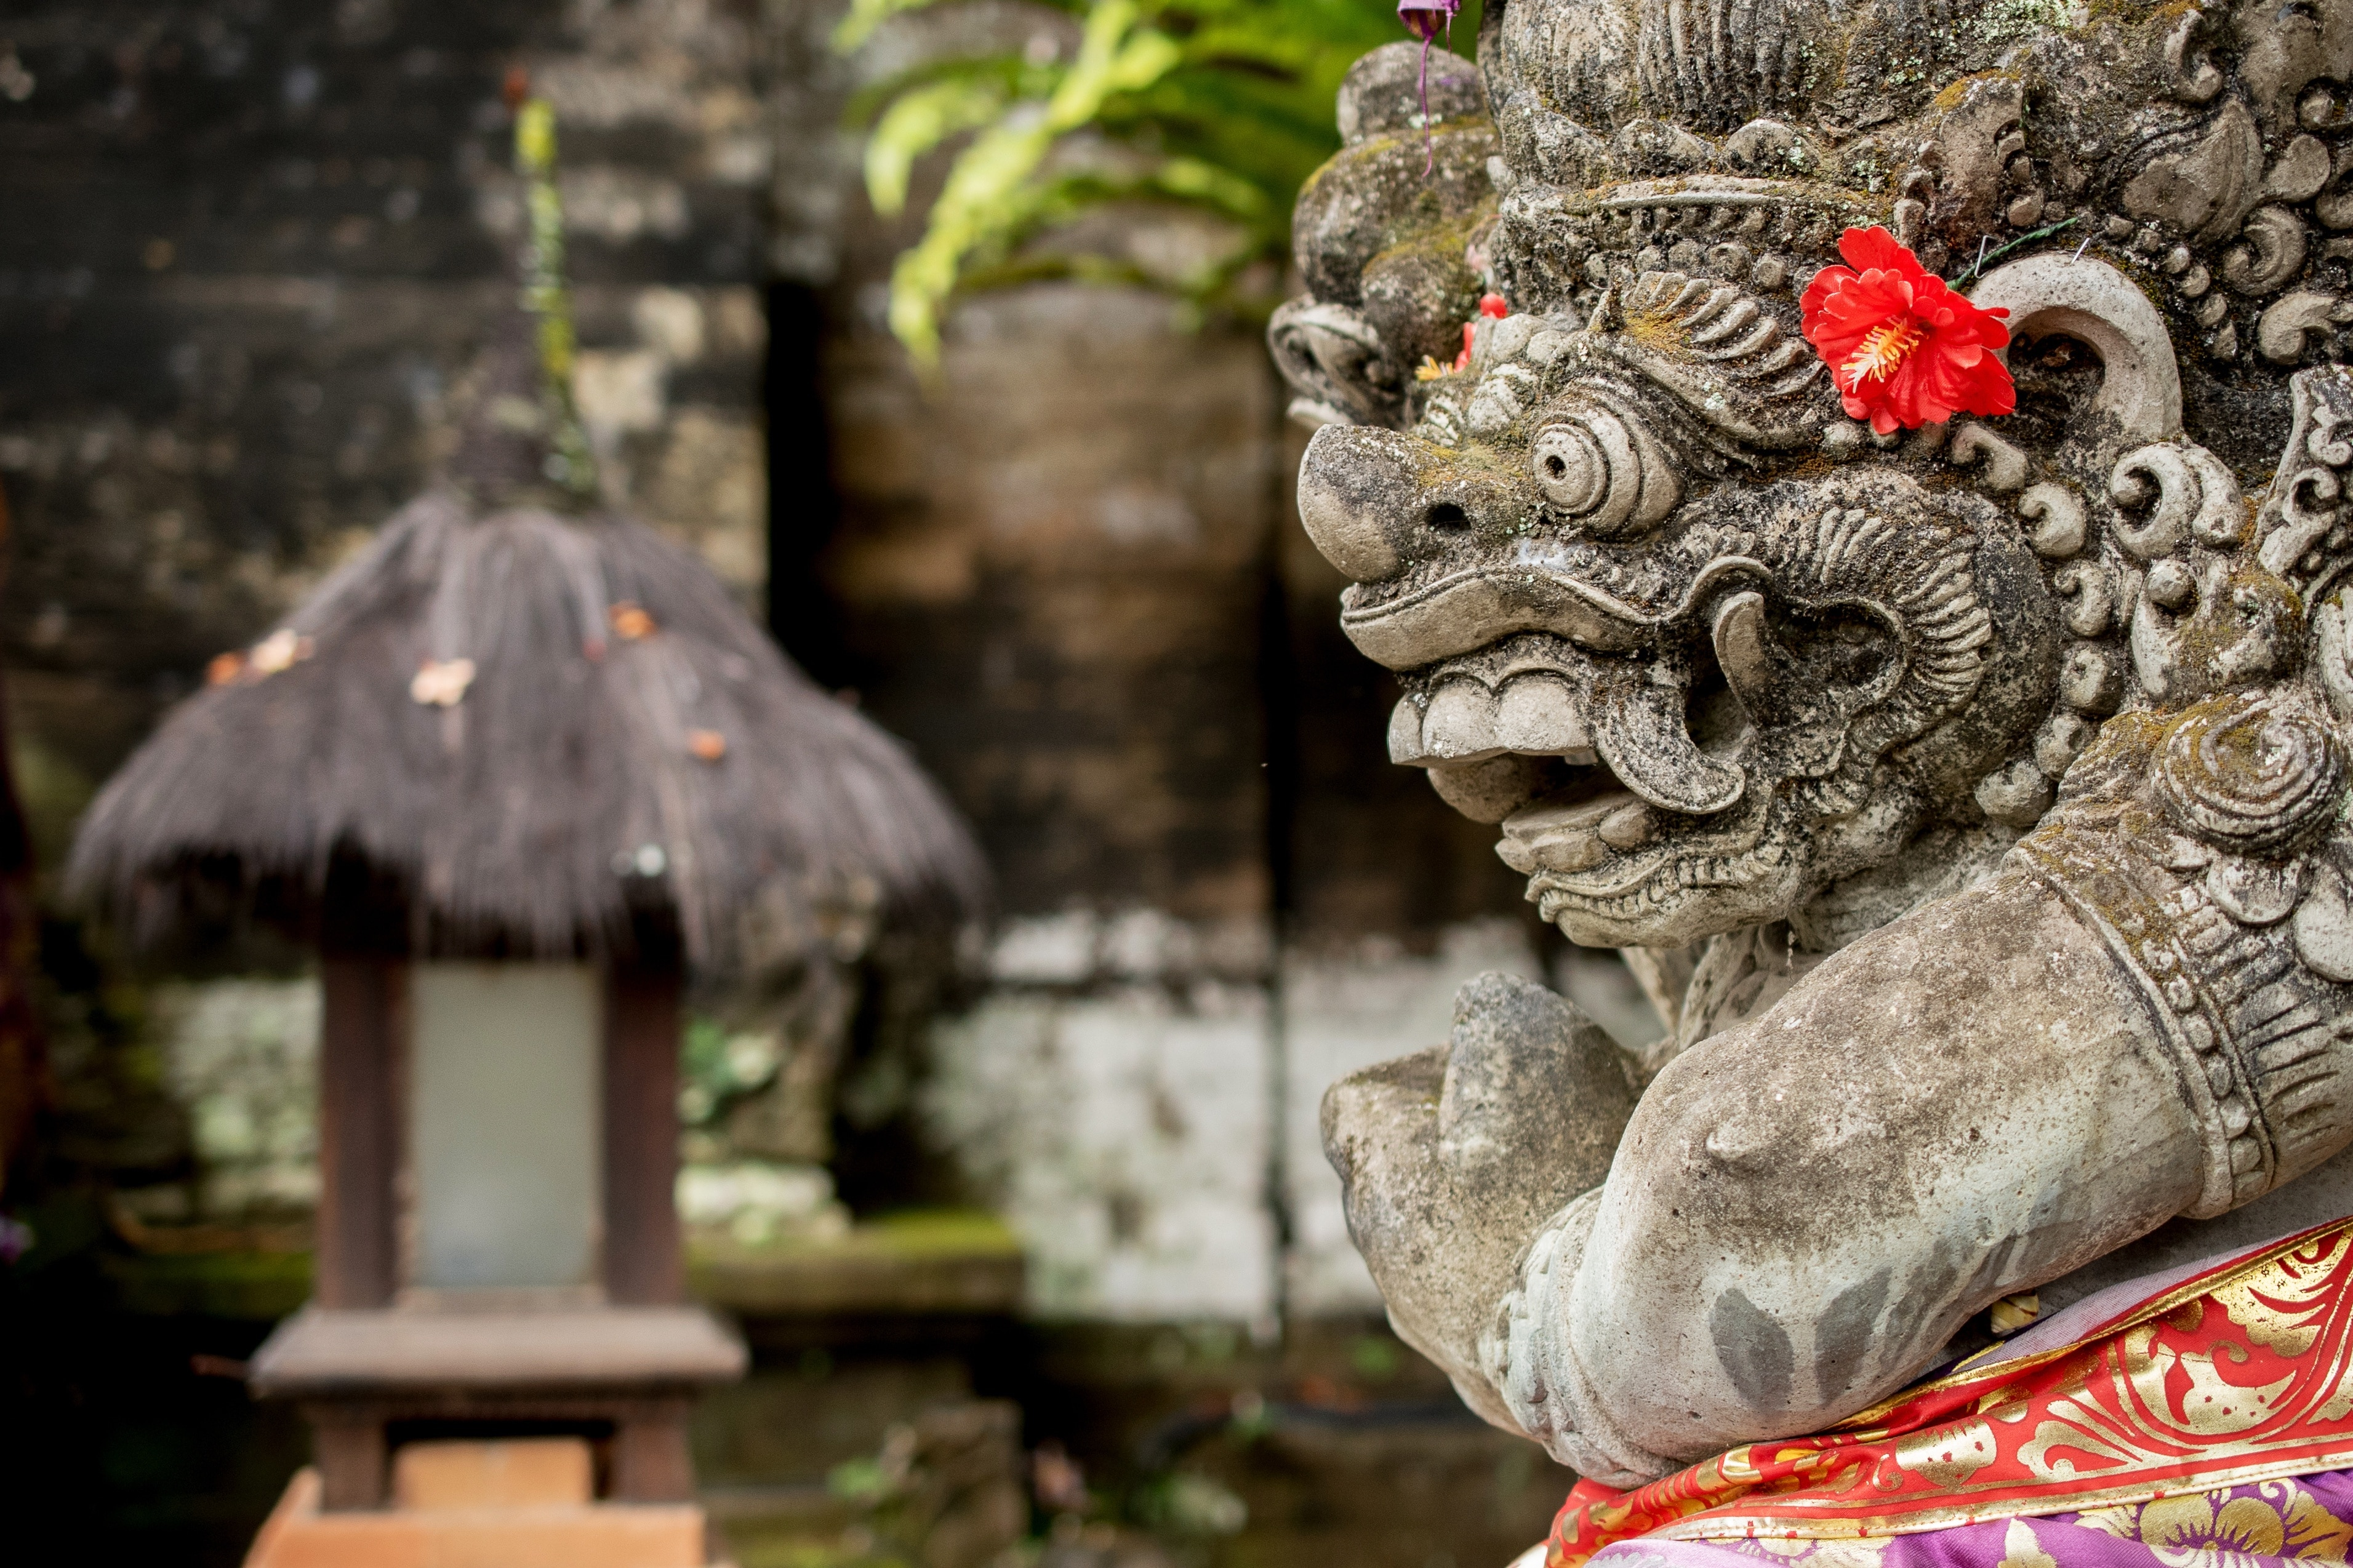 Anda dapat mengetahui sejarah dari Ubud dengan mengunjungi Puri Agung Ubud. Jalan-jalan di sekitar hutan unik area ini, atau nikmati aktivitas jalur bersepeda.